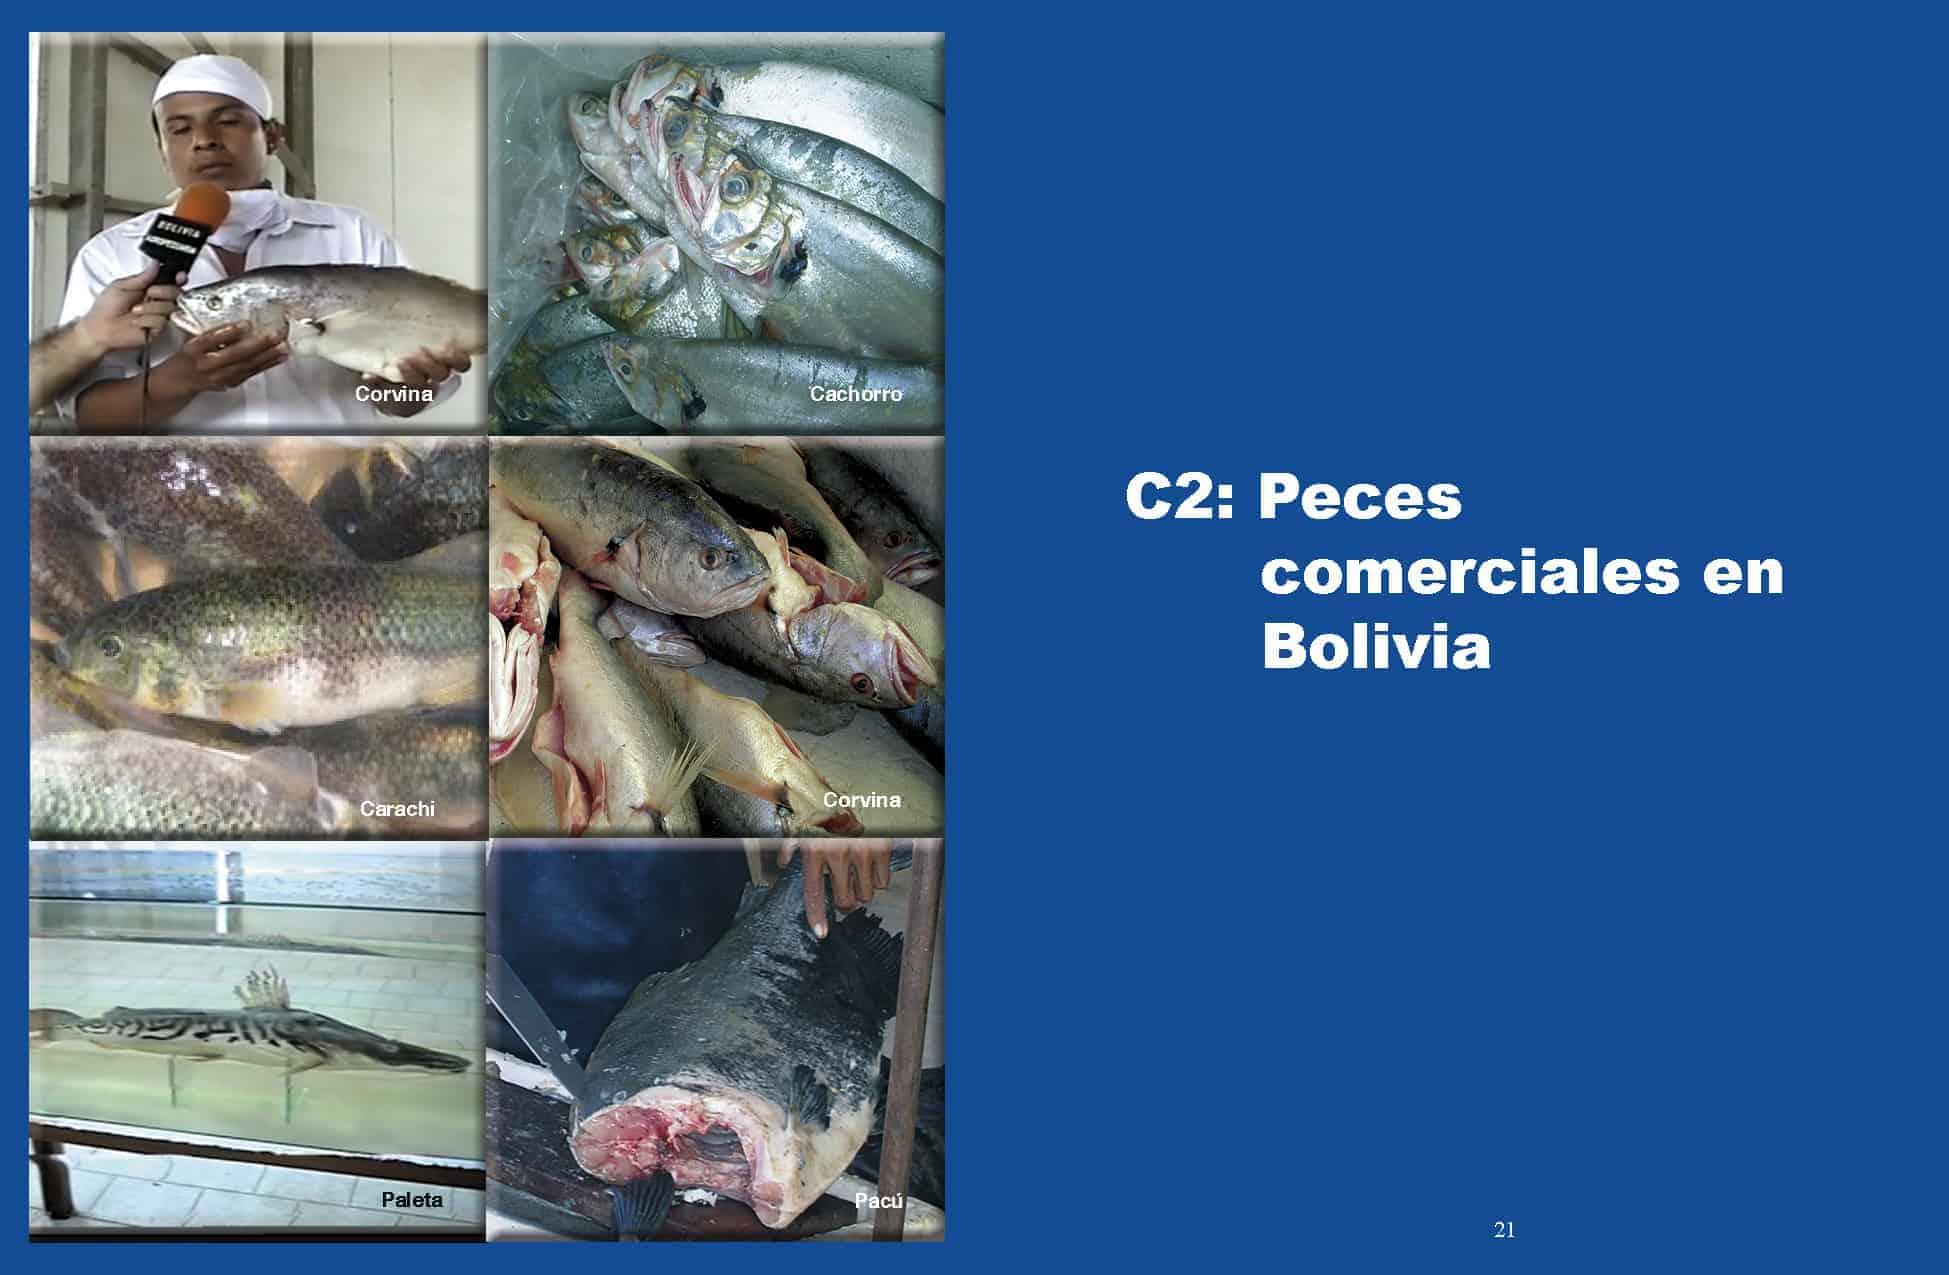 Peces Comerciales en Bolivia